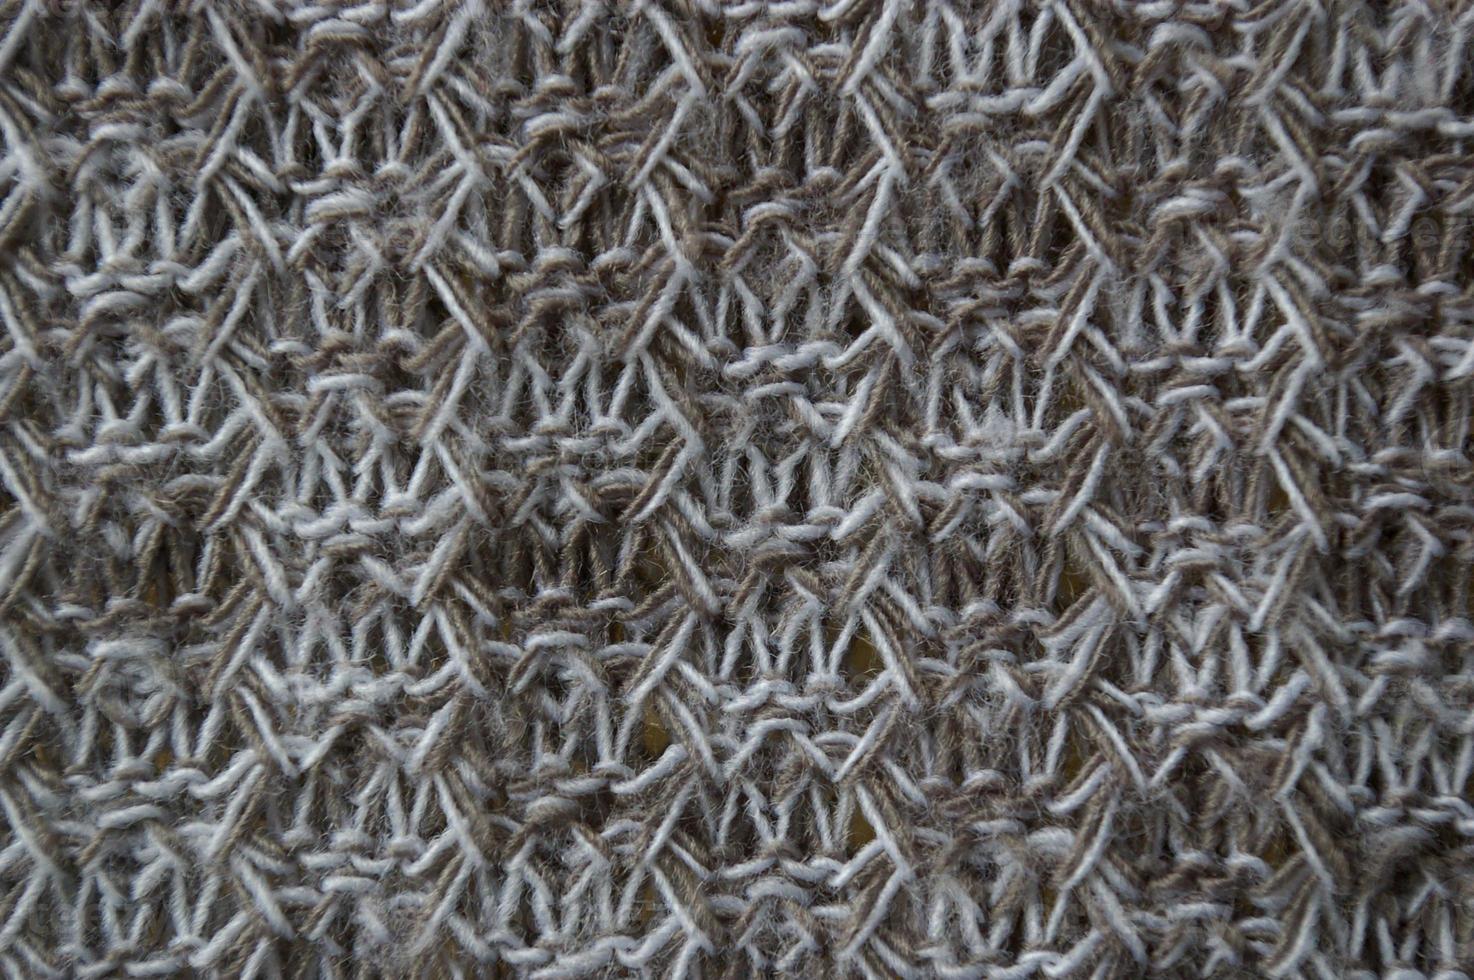 materiale lavorato a maglia da vicino foto